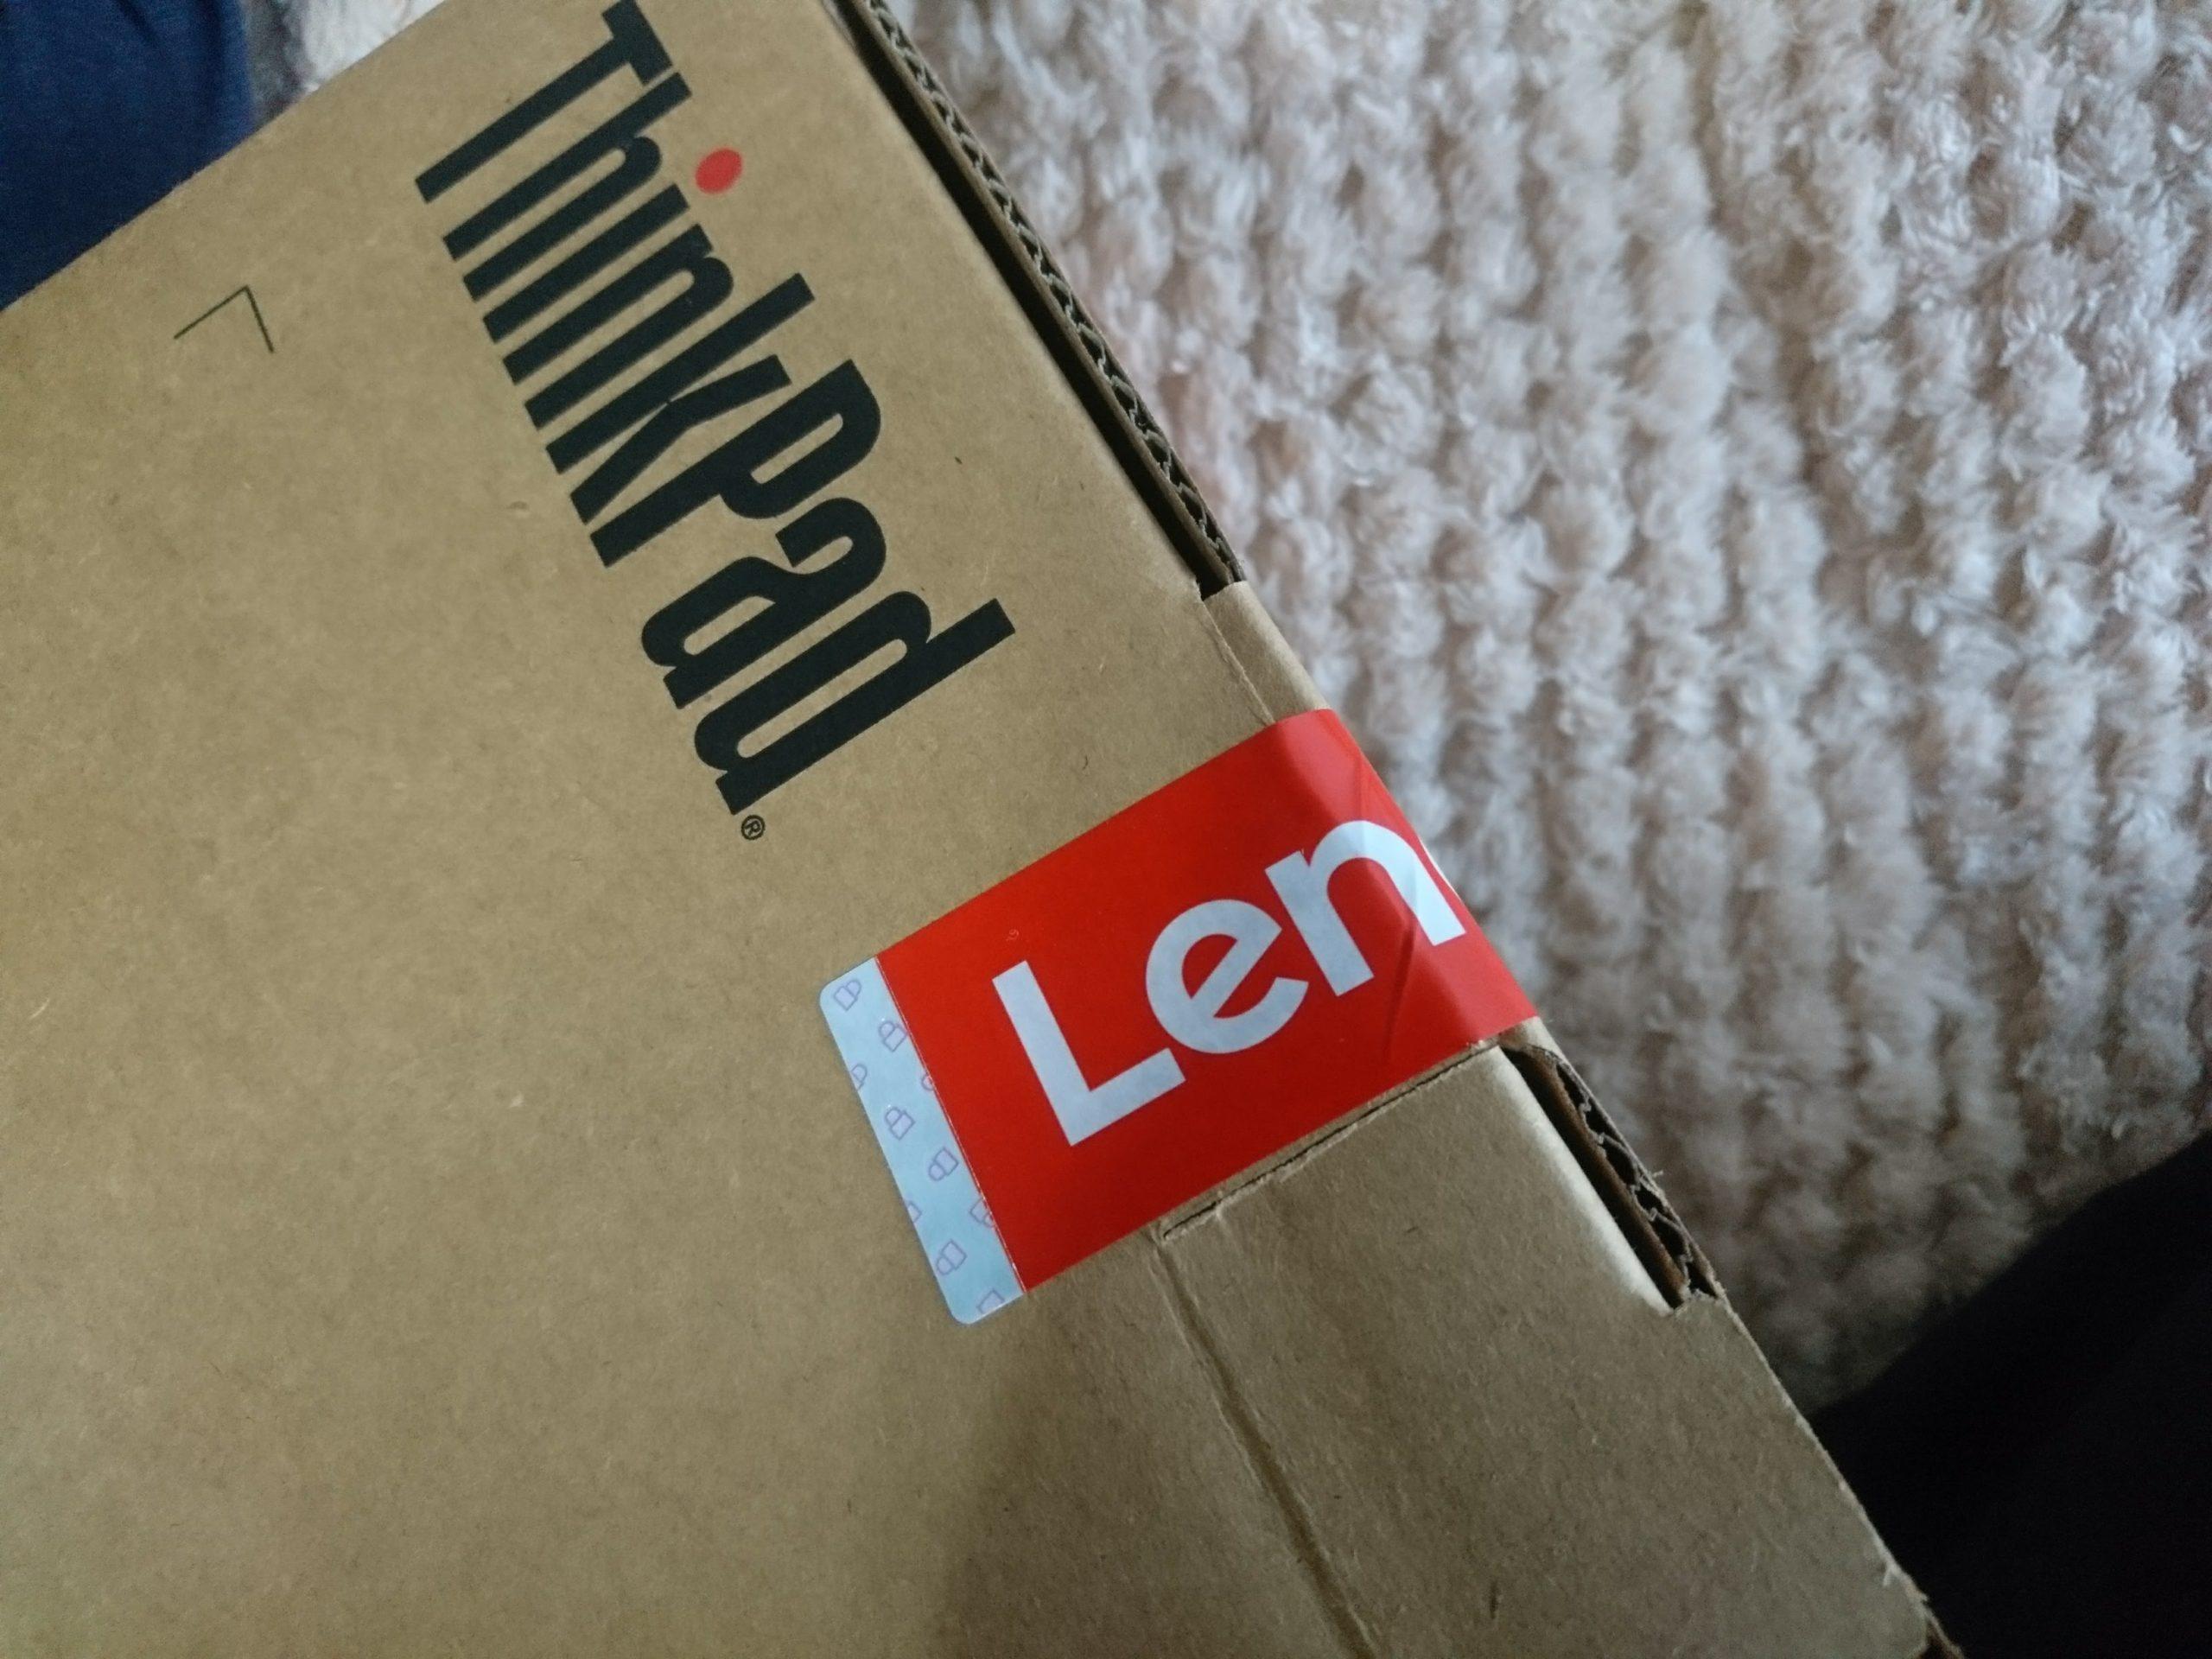 Lenovoの梱包箱